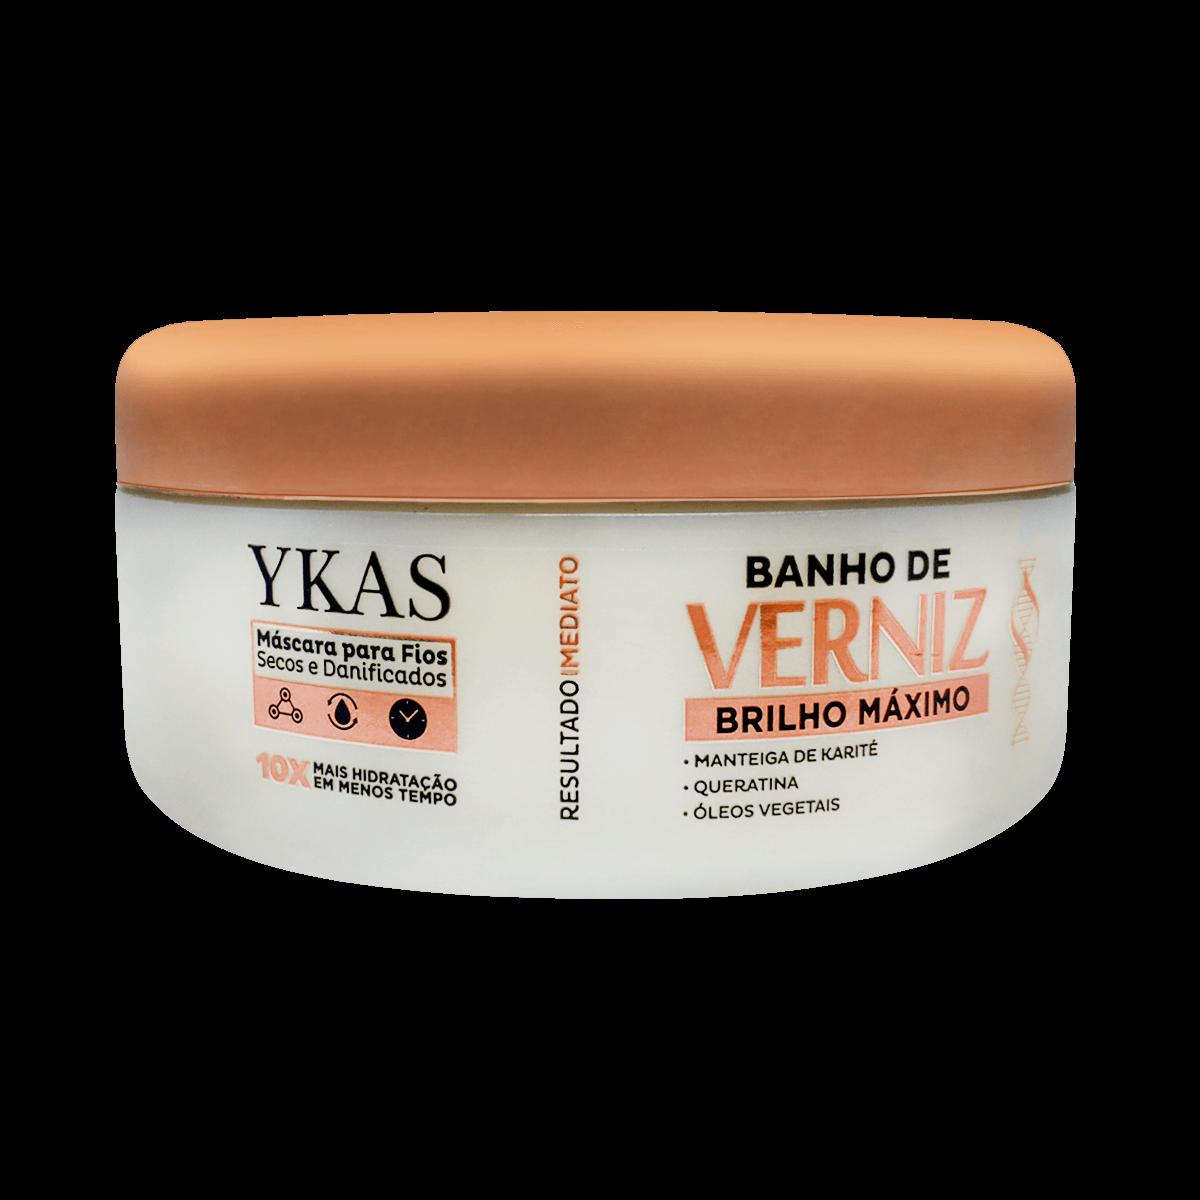 Ykas Mascara Banho de Verniz Brilho Maximo - 250g